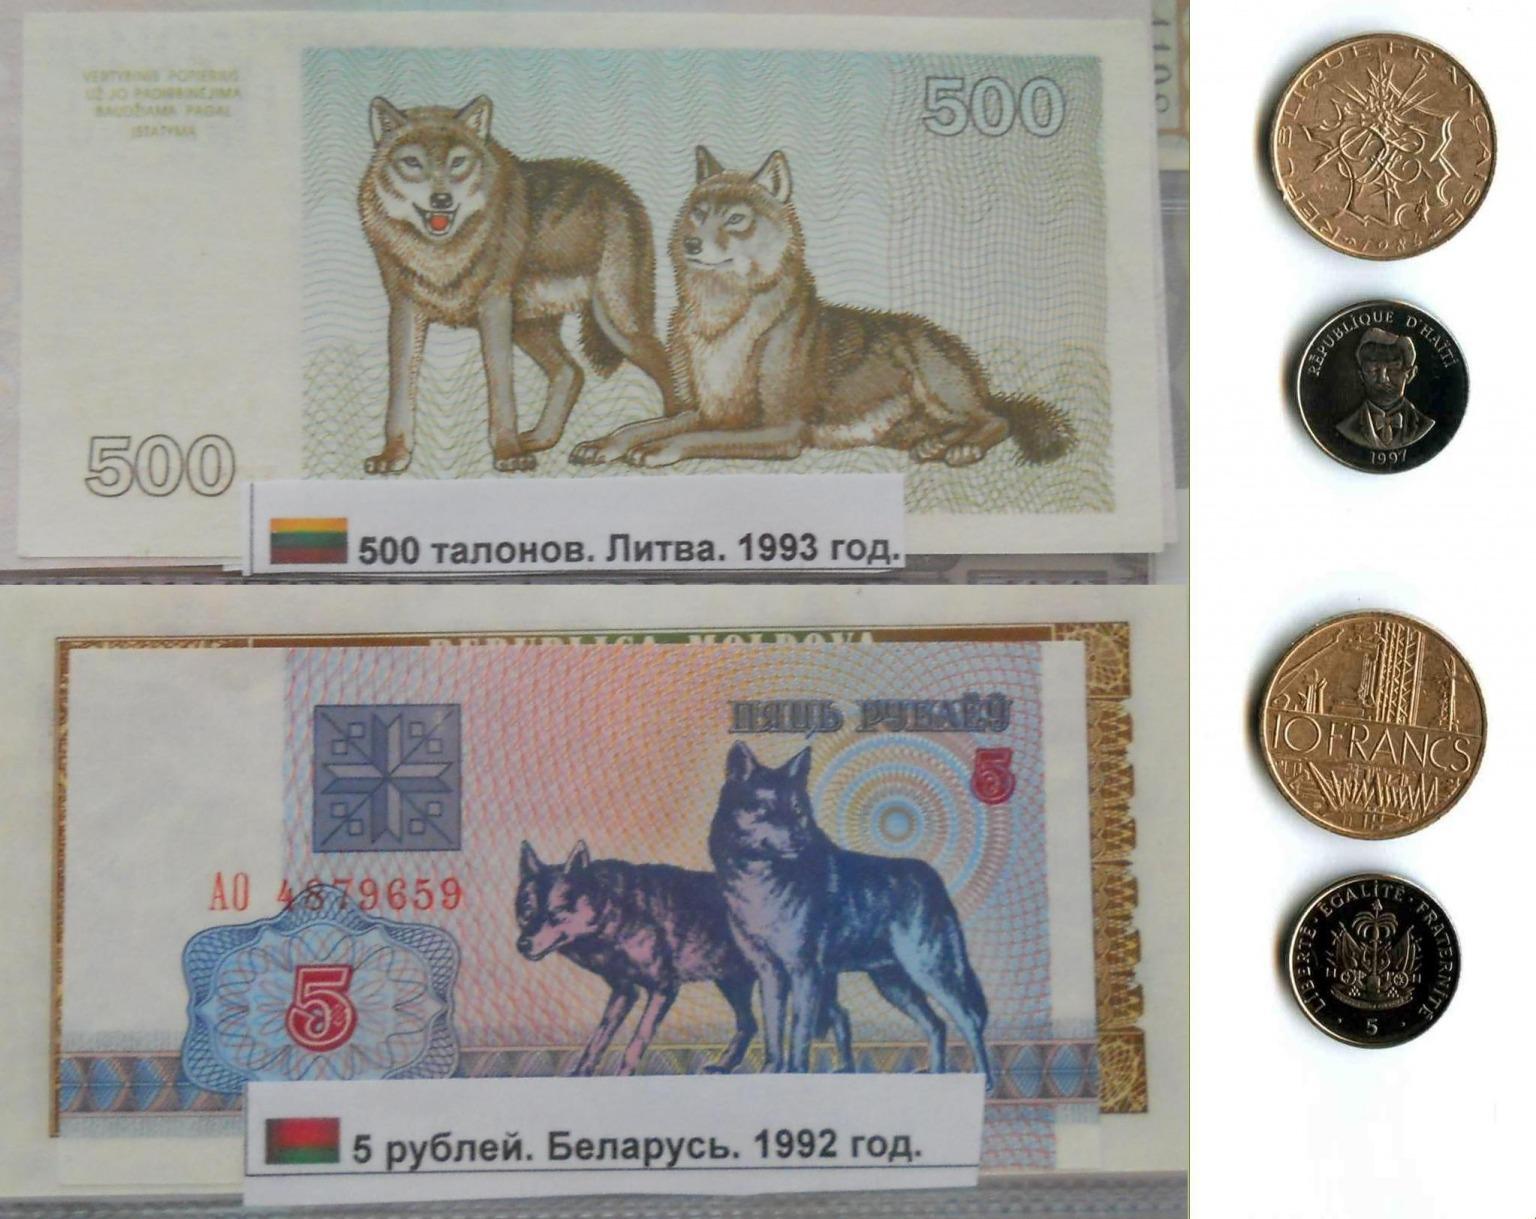 Монеты и банкноты №67  5 рублей (Беларусь), 10 франков (Франция), 5 сантимов (Гаити)